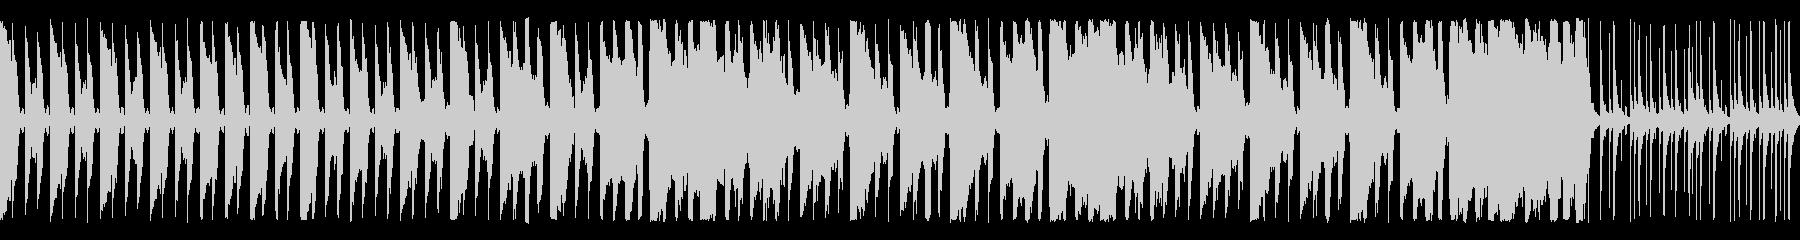 陽気なリズムとハンドクラップ ループ仕様の未再生の波形